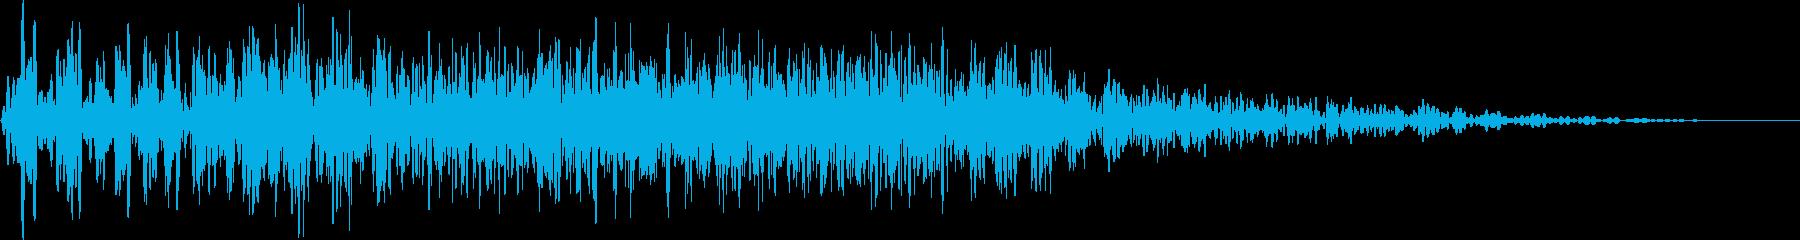 モーターフィルターエアヒューシュ1...の再生済みの波形